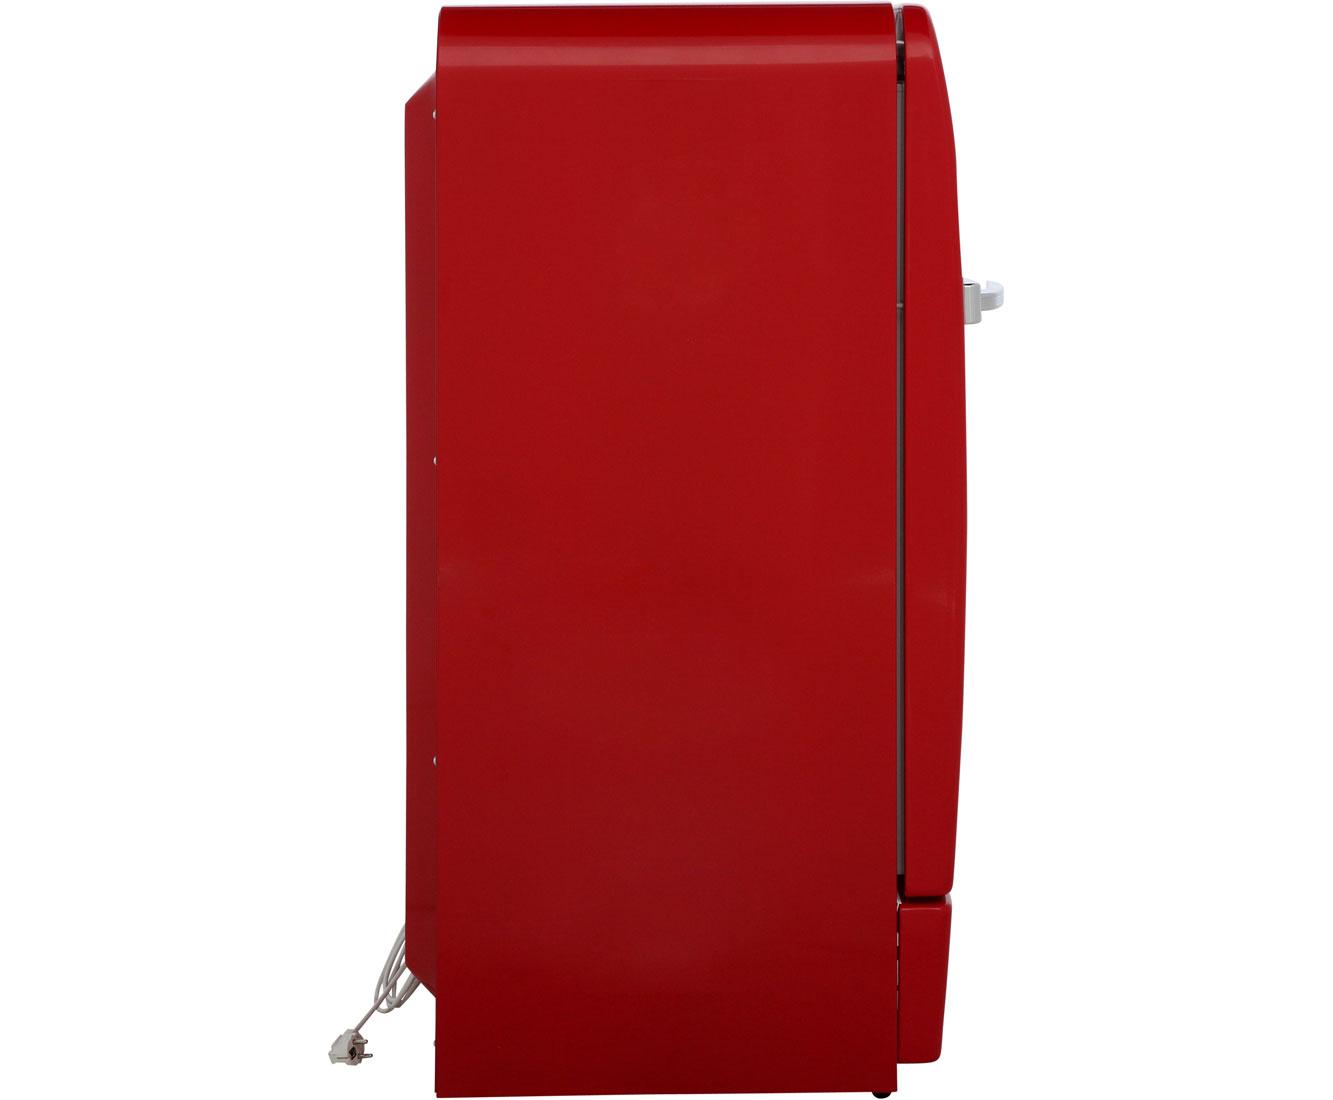 Kühlschrank Farbig Bosch : Bosch kühlschrank retro rot bosch ksl ar kühlschrank in rot